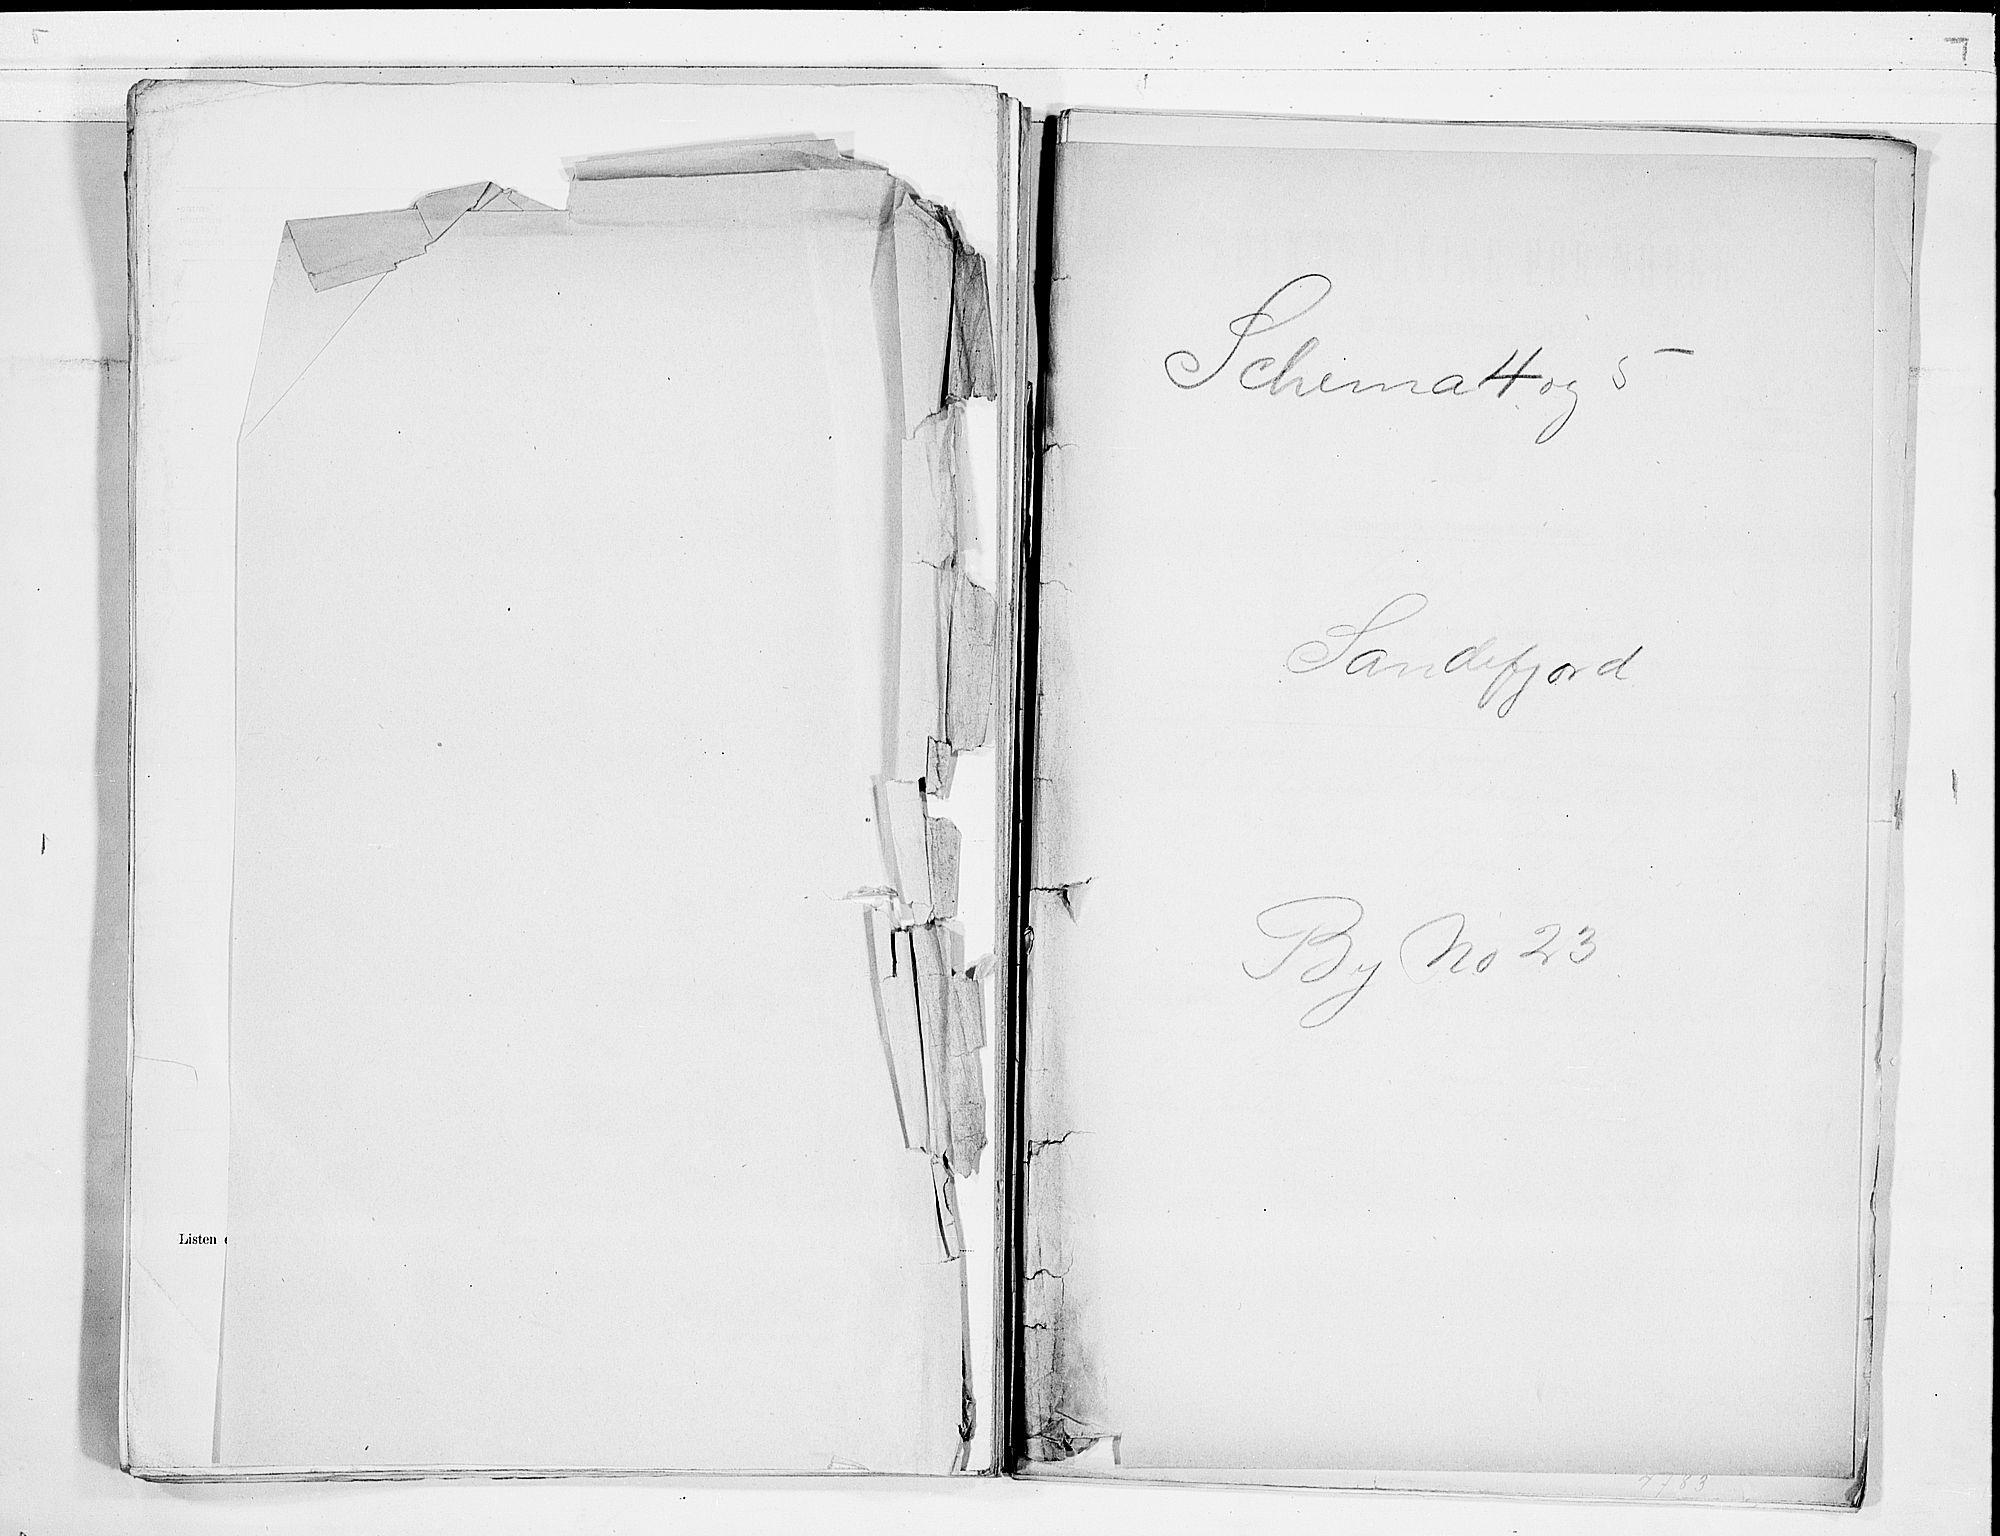 RA, Folketelling 1900 for 0706 Sandefjord kjøpstad, 1900, s. 1